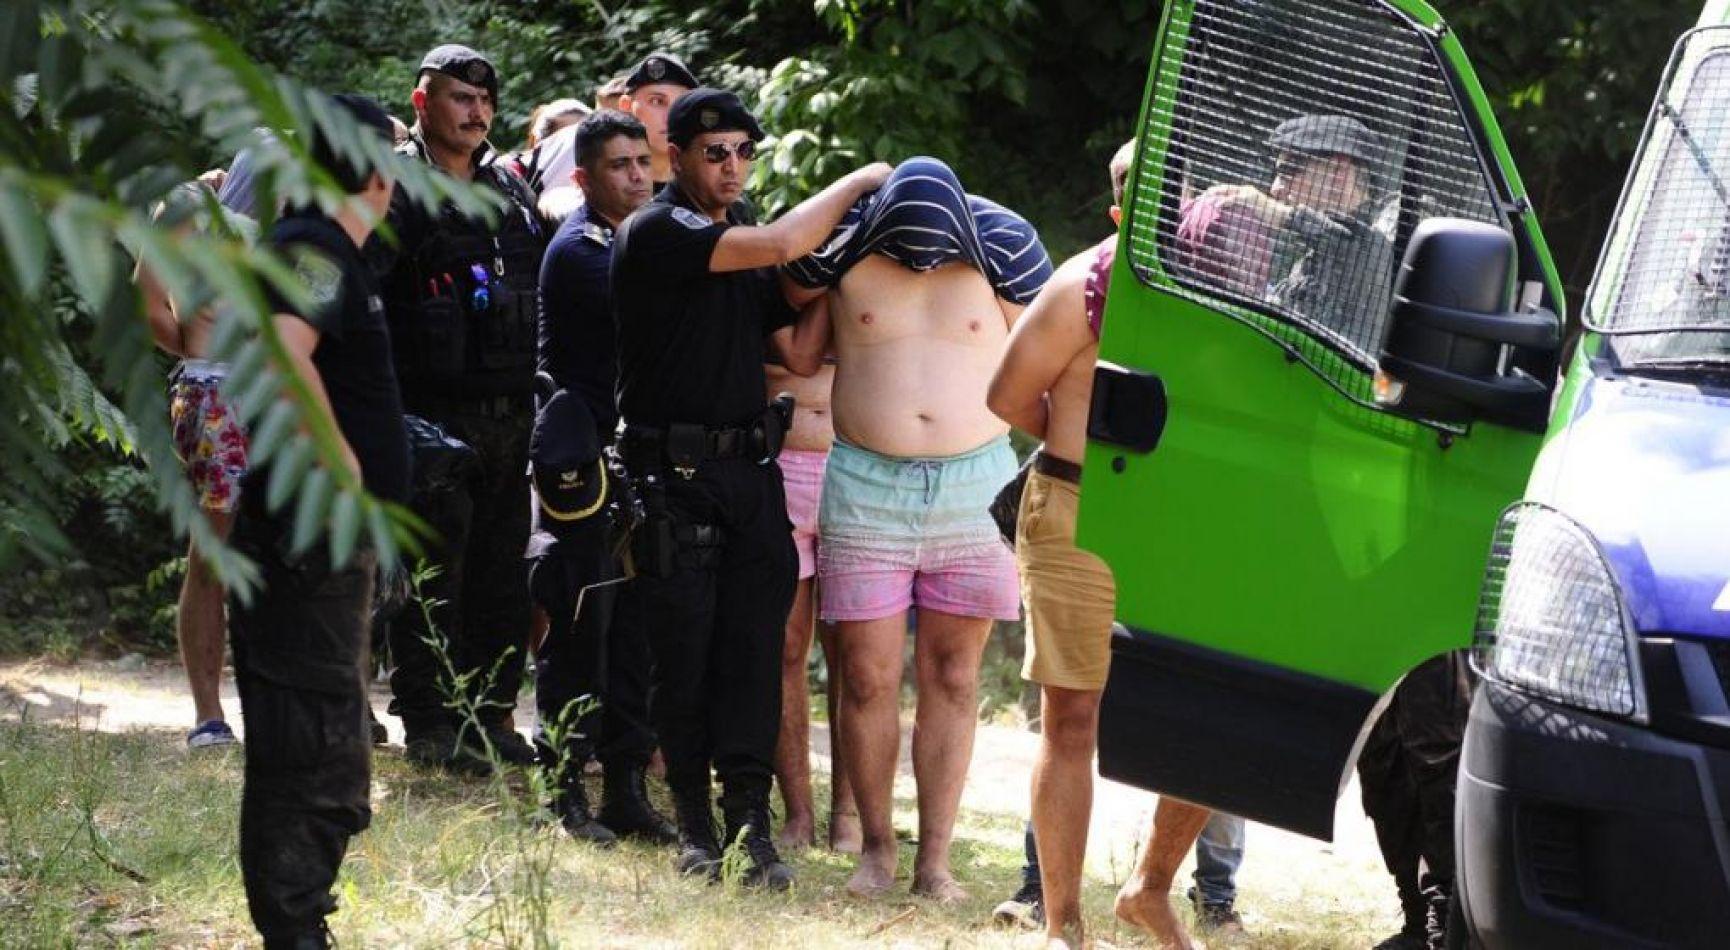 Crimen de Villa Gesell: piden que los rugbiers vayan a juicio por el crimen de Facundo Báez Sosa